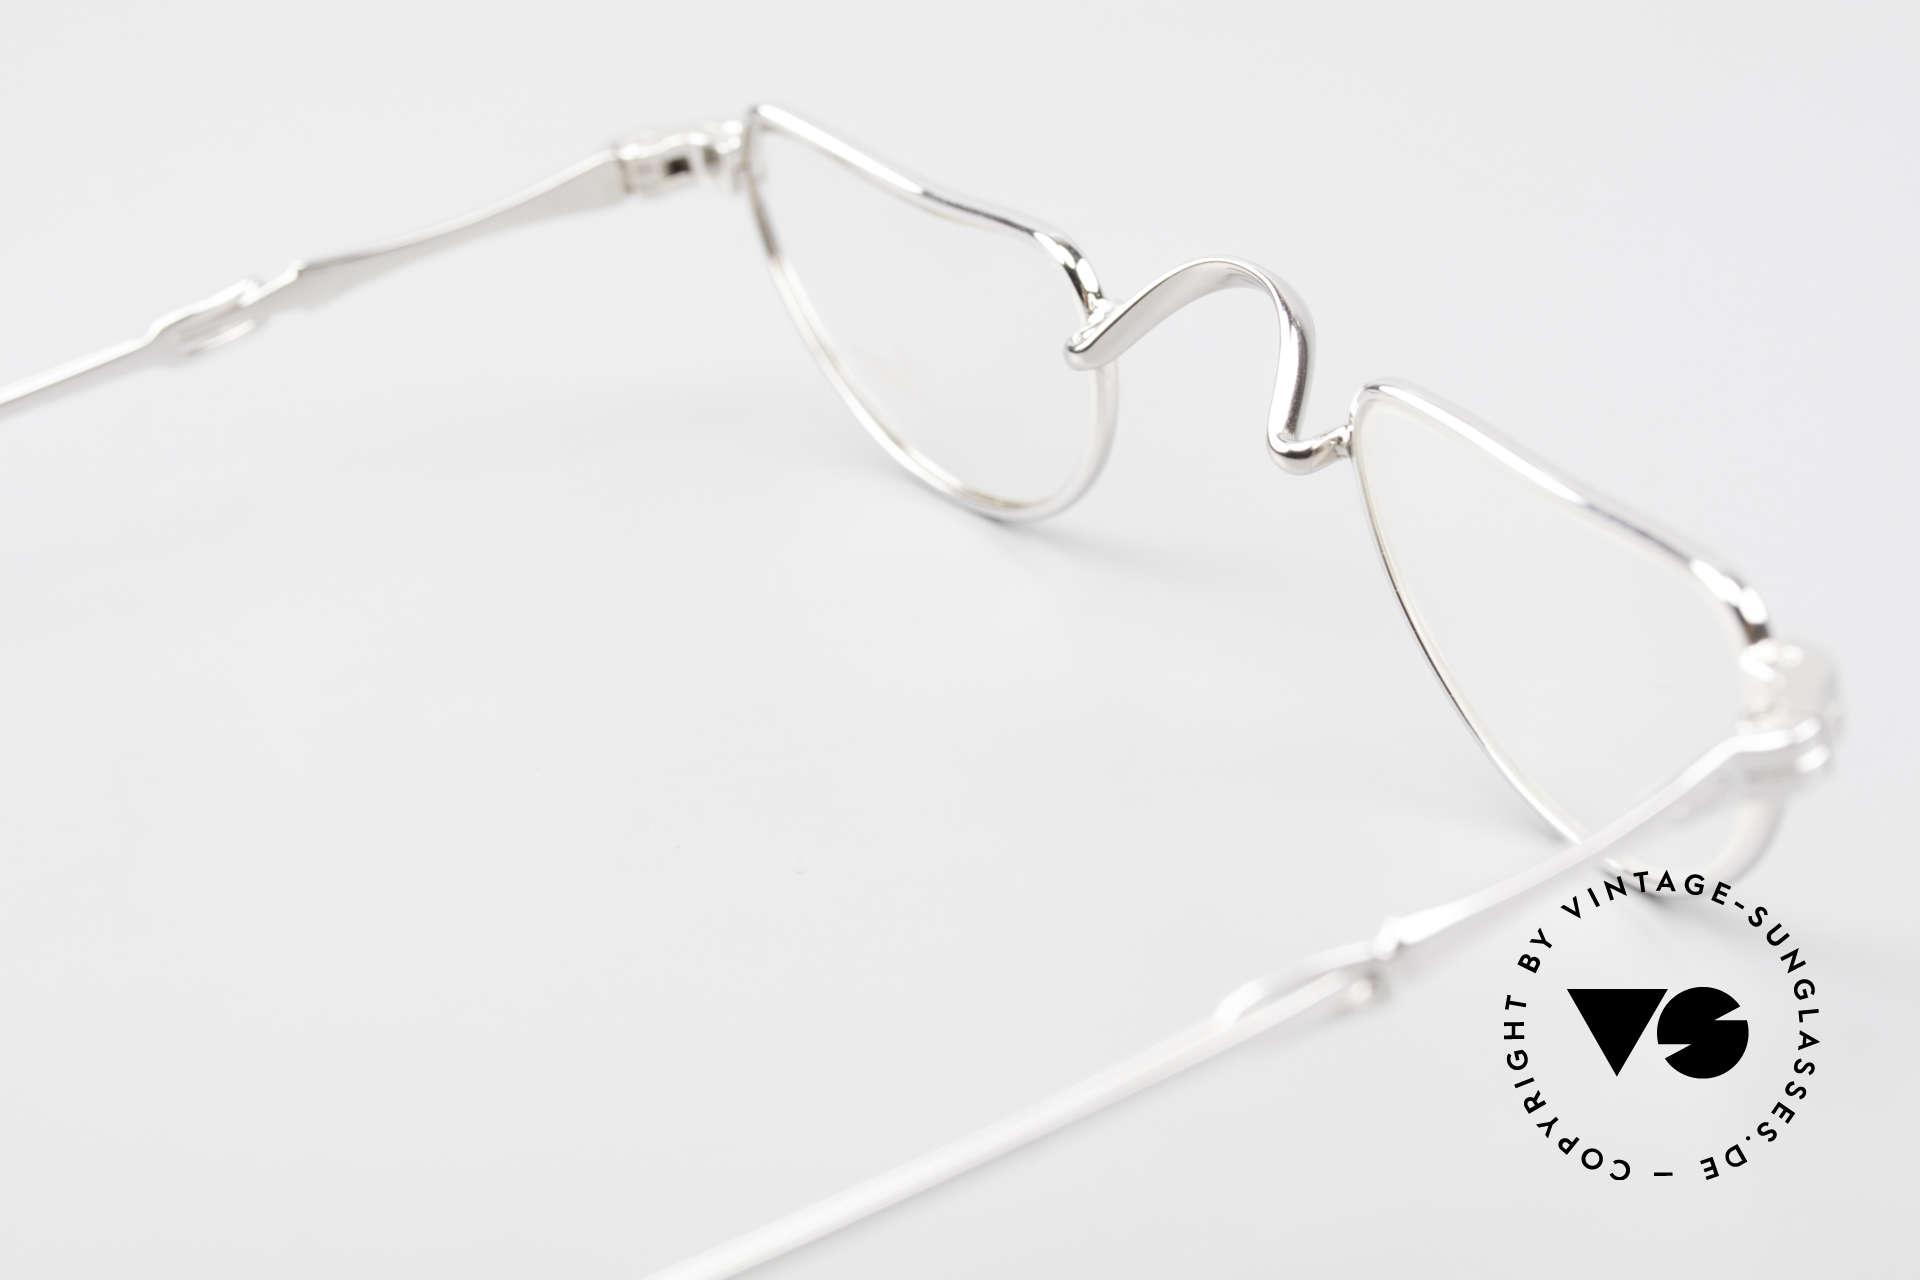 Lunor I 07 Telescopic Teleskop Brille Schiebebügel, sowie für ausziehbare Brillenbügel (= teleskopartig), Passend für Herren und Damen